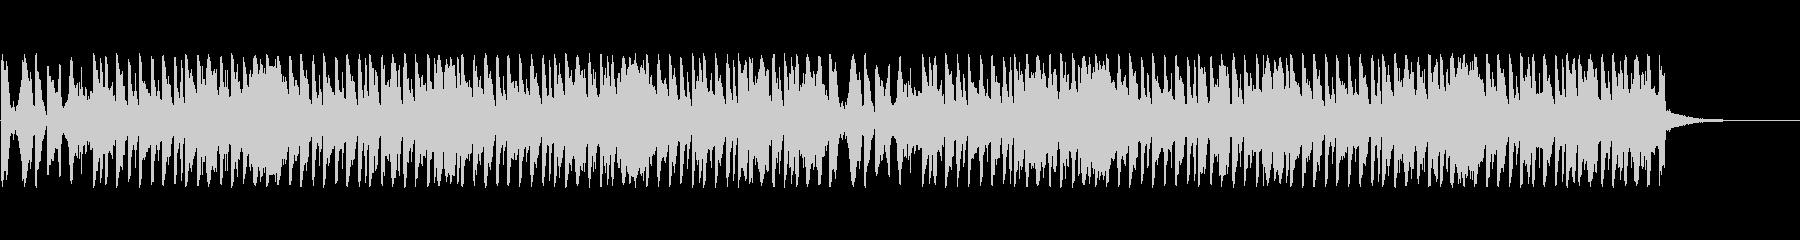 ショルダーシェイクの未再生の波形